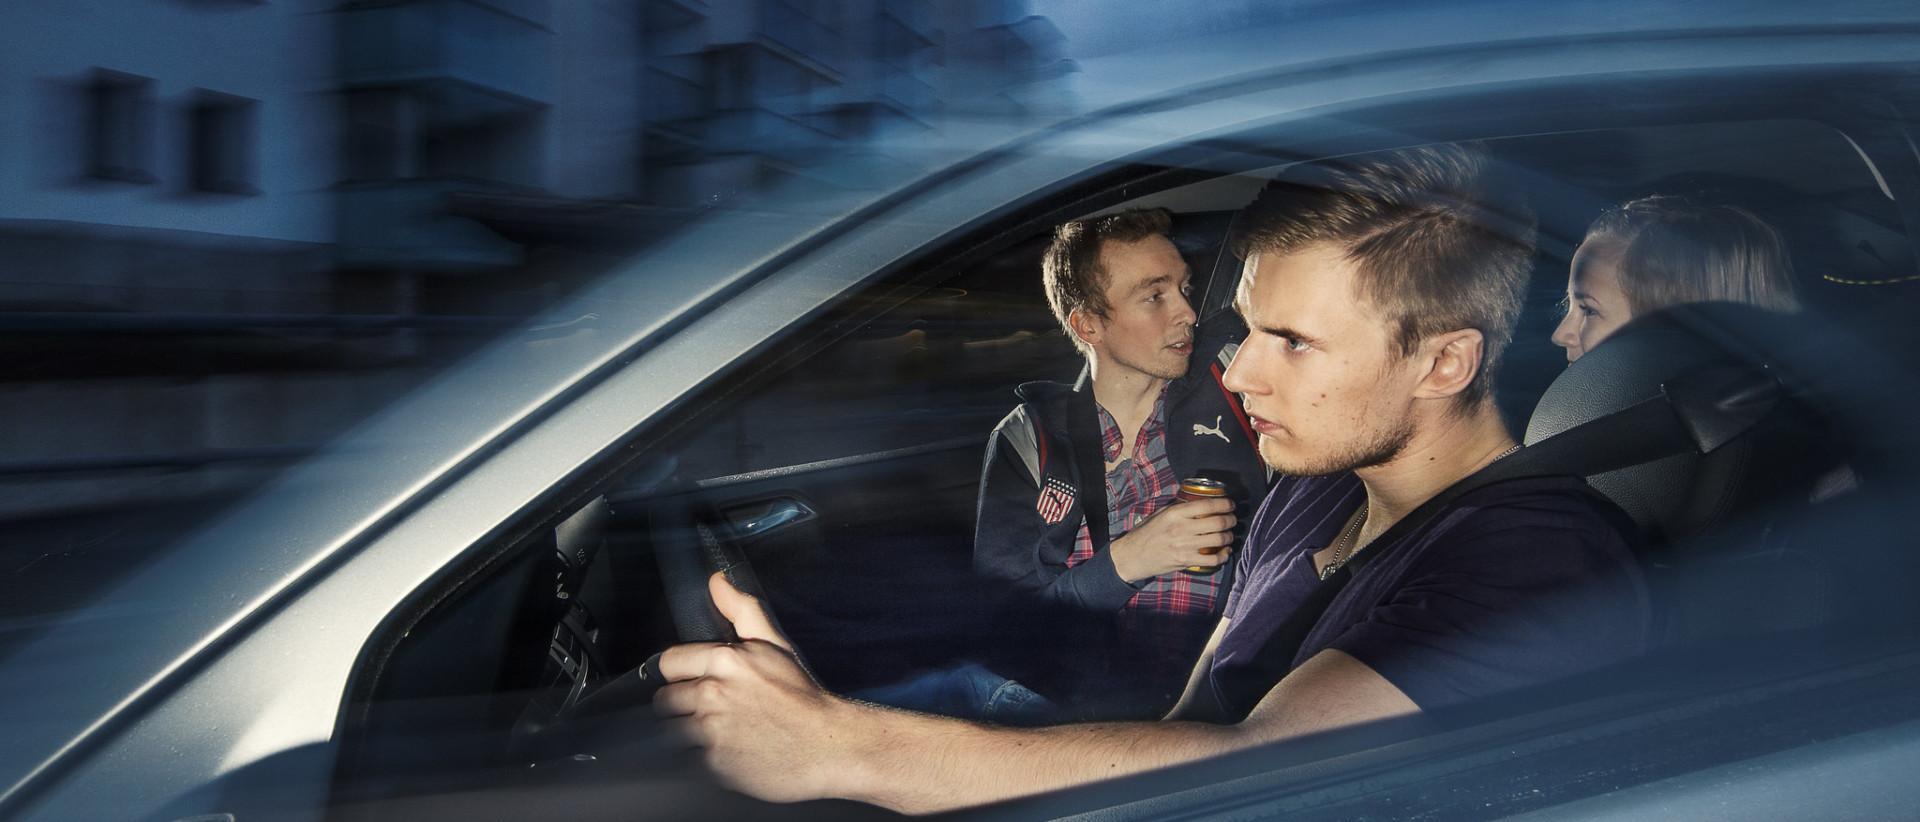 Nuori kuljettaja ajaa henkilöautoa, jonka kyydissä on nuoria matkustajia.